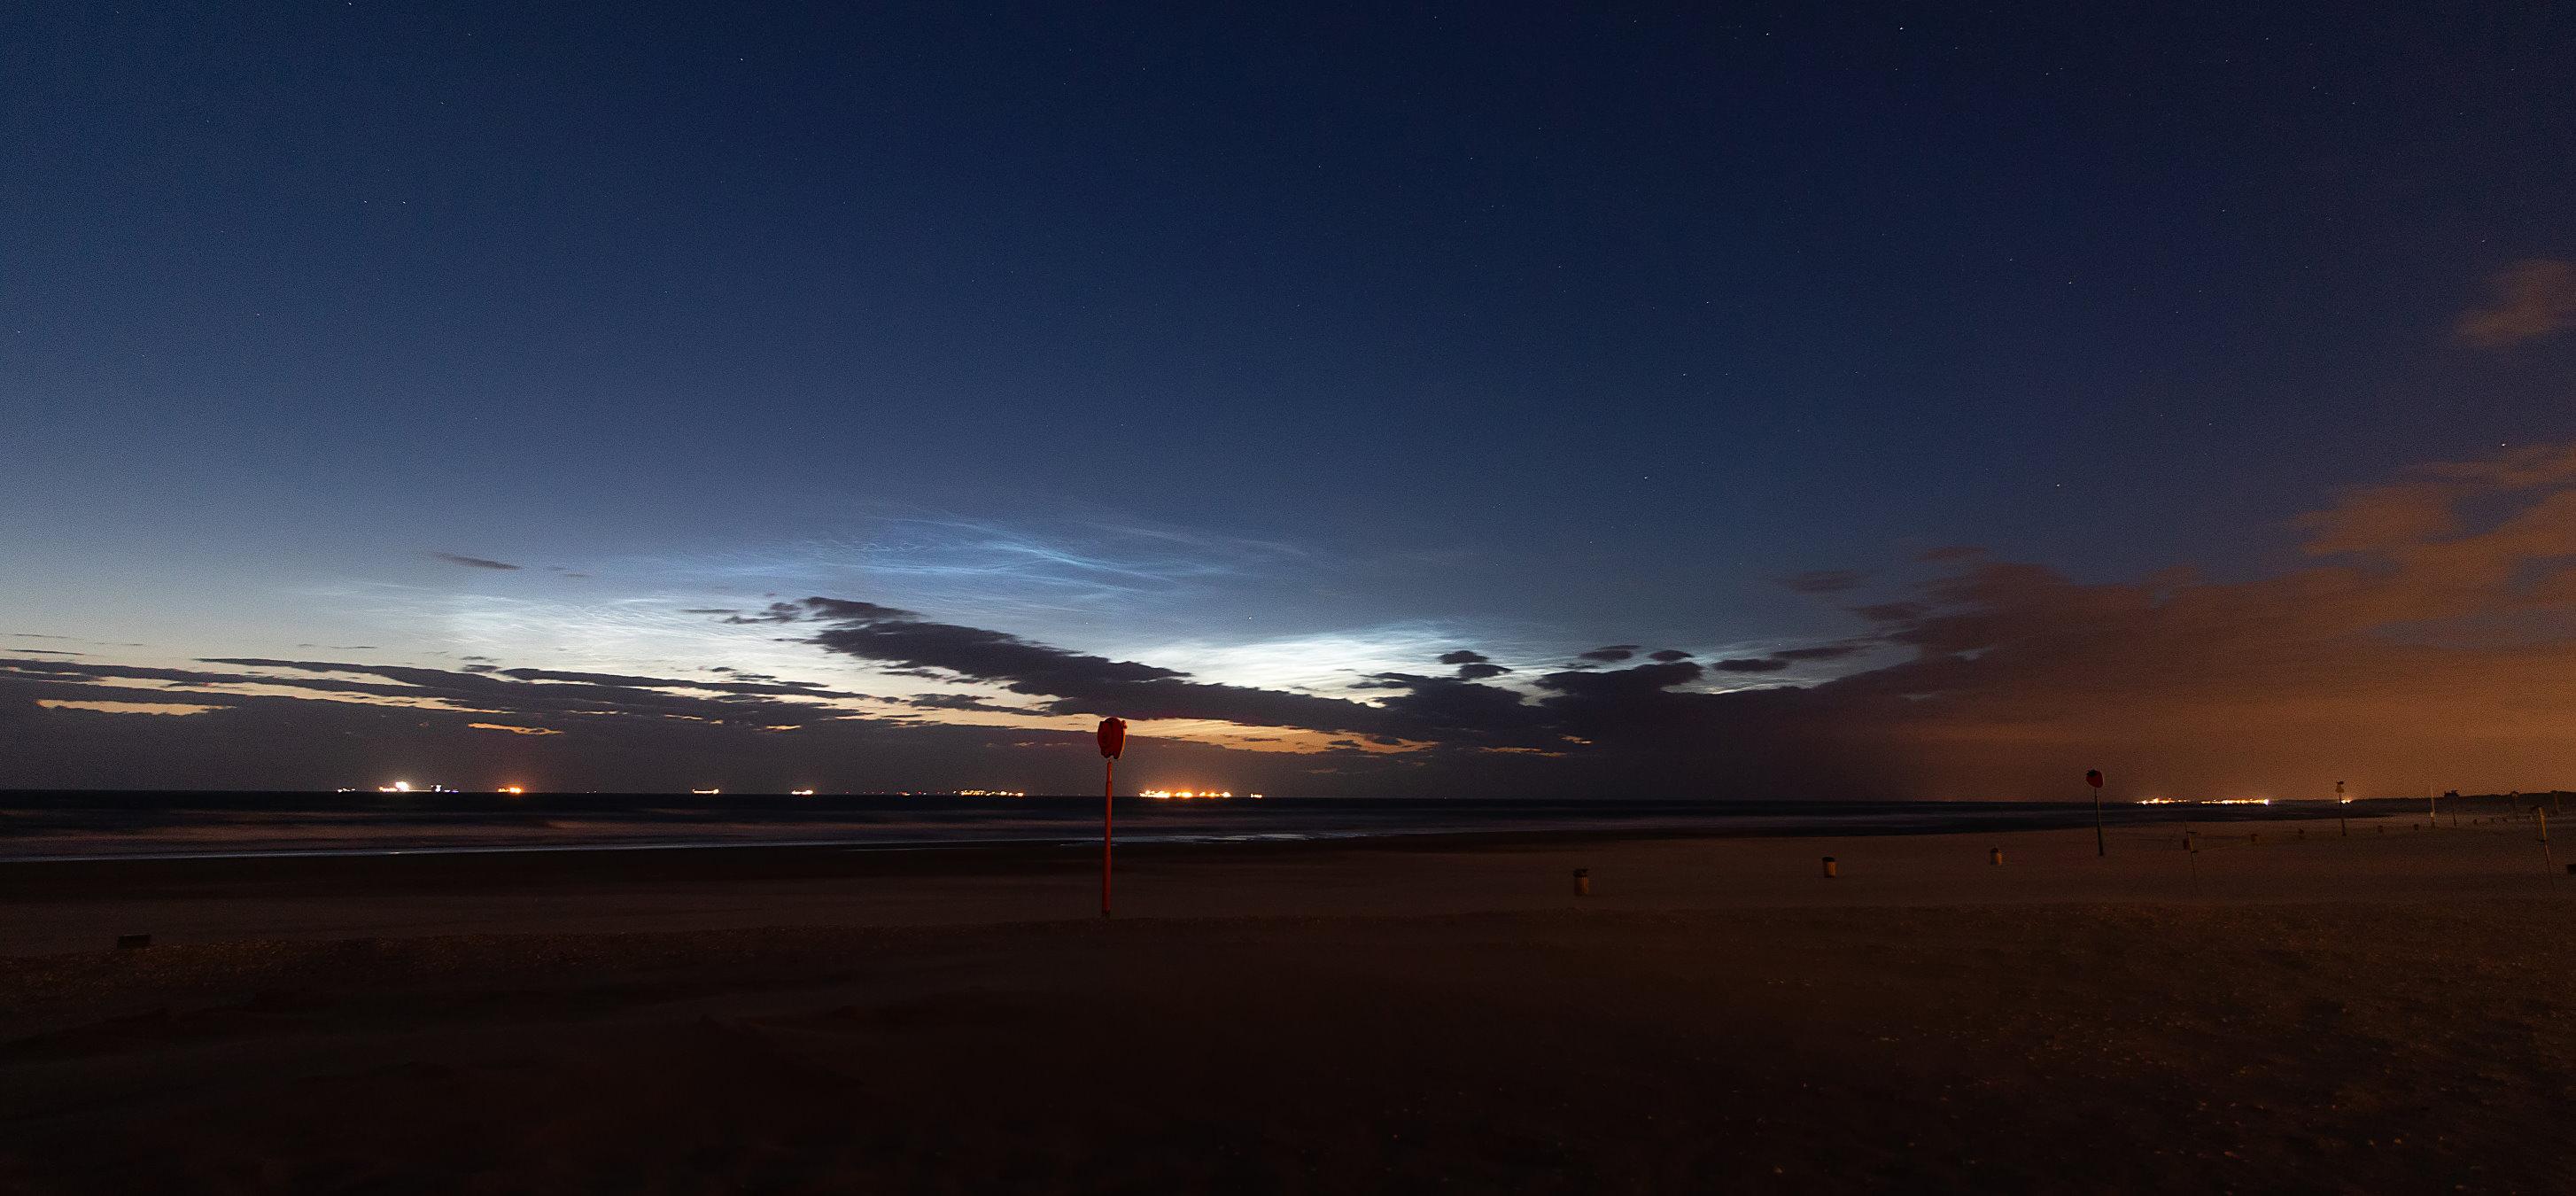 night-clouds-05-07-20-scheveningen-netherlands.jpg